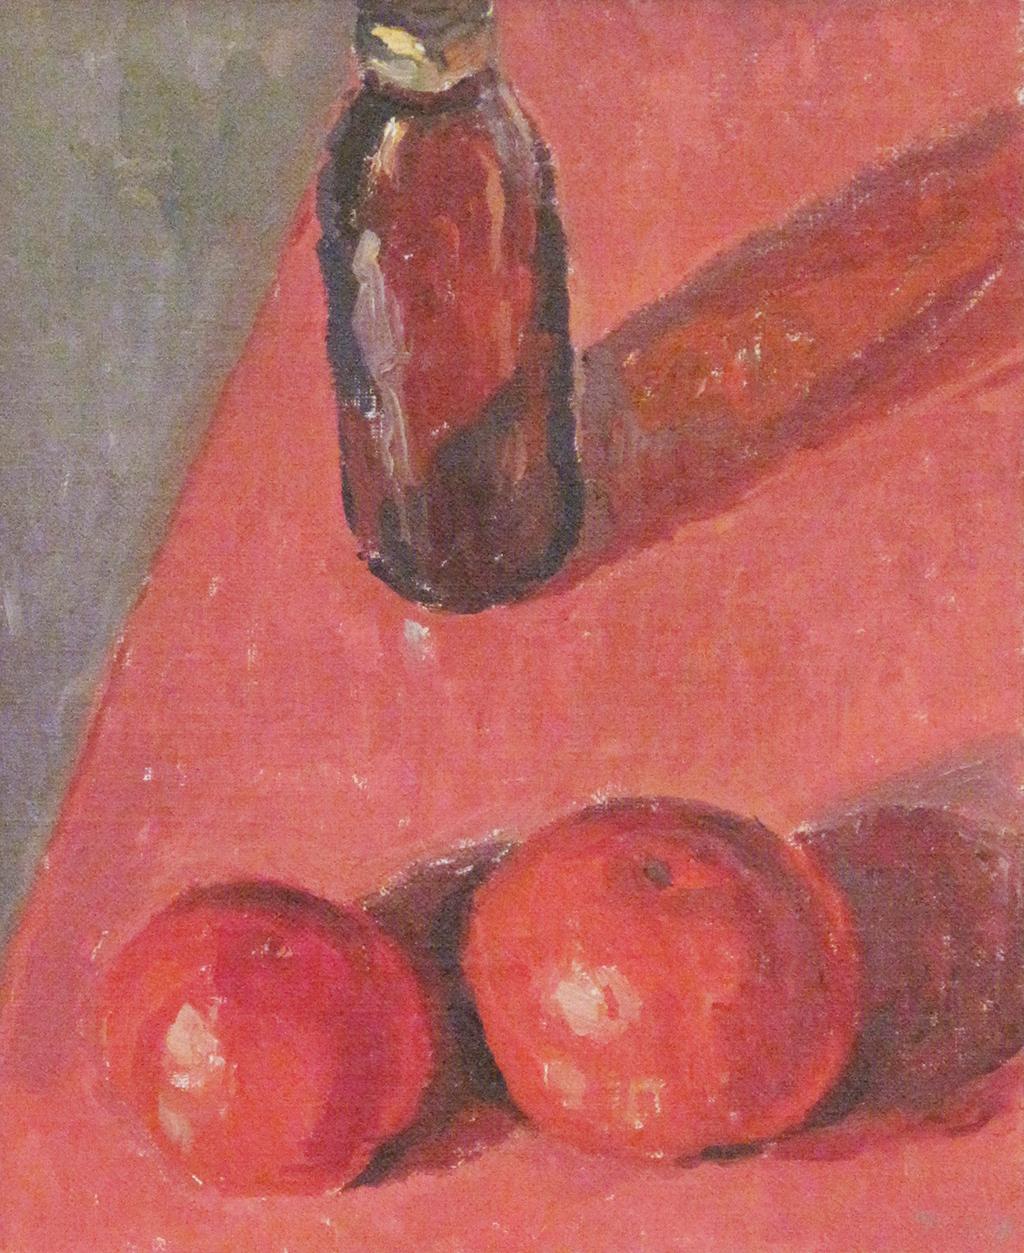 Tomaten auf Rotem Tisch